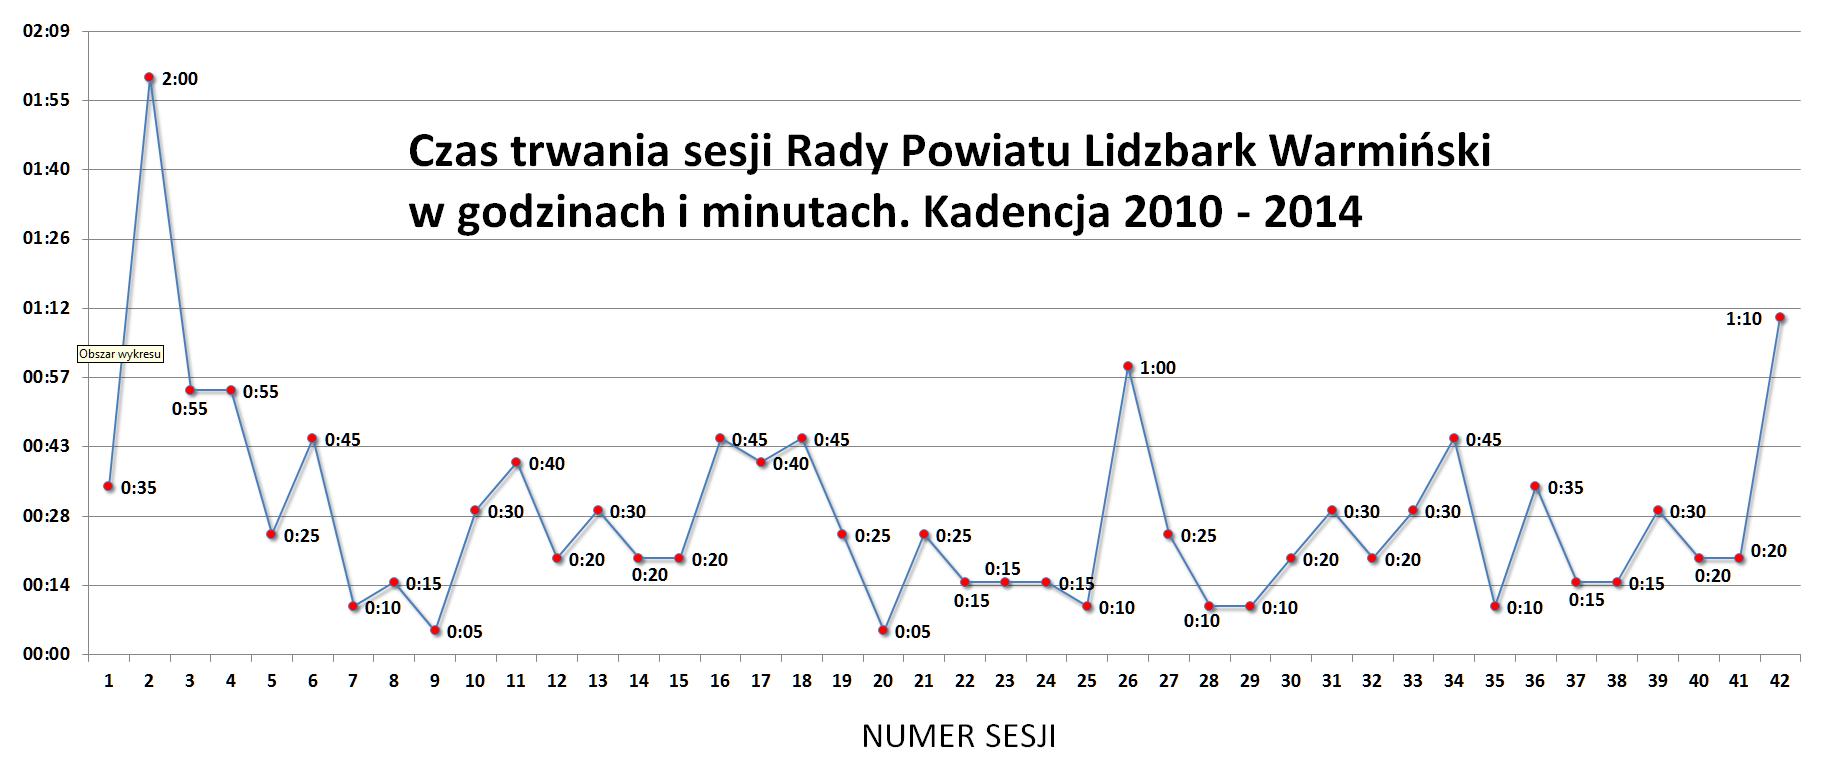 Czas trwania sesji Rady Powiatu Lidzbark Warmiński w kadencji 2010 - 2014